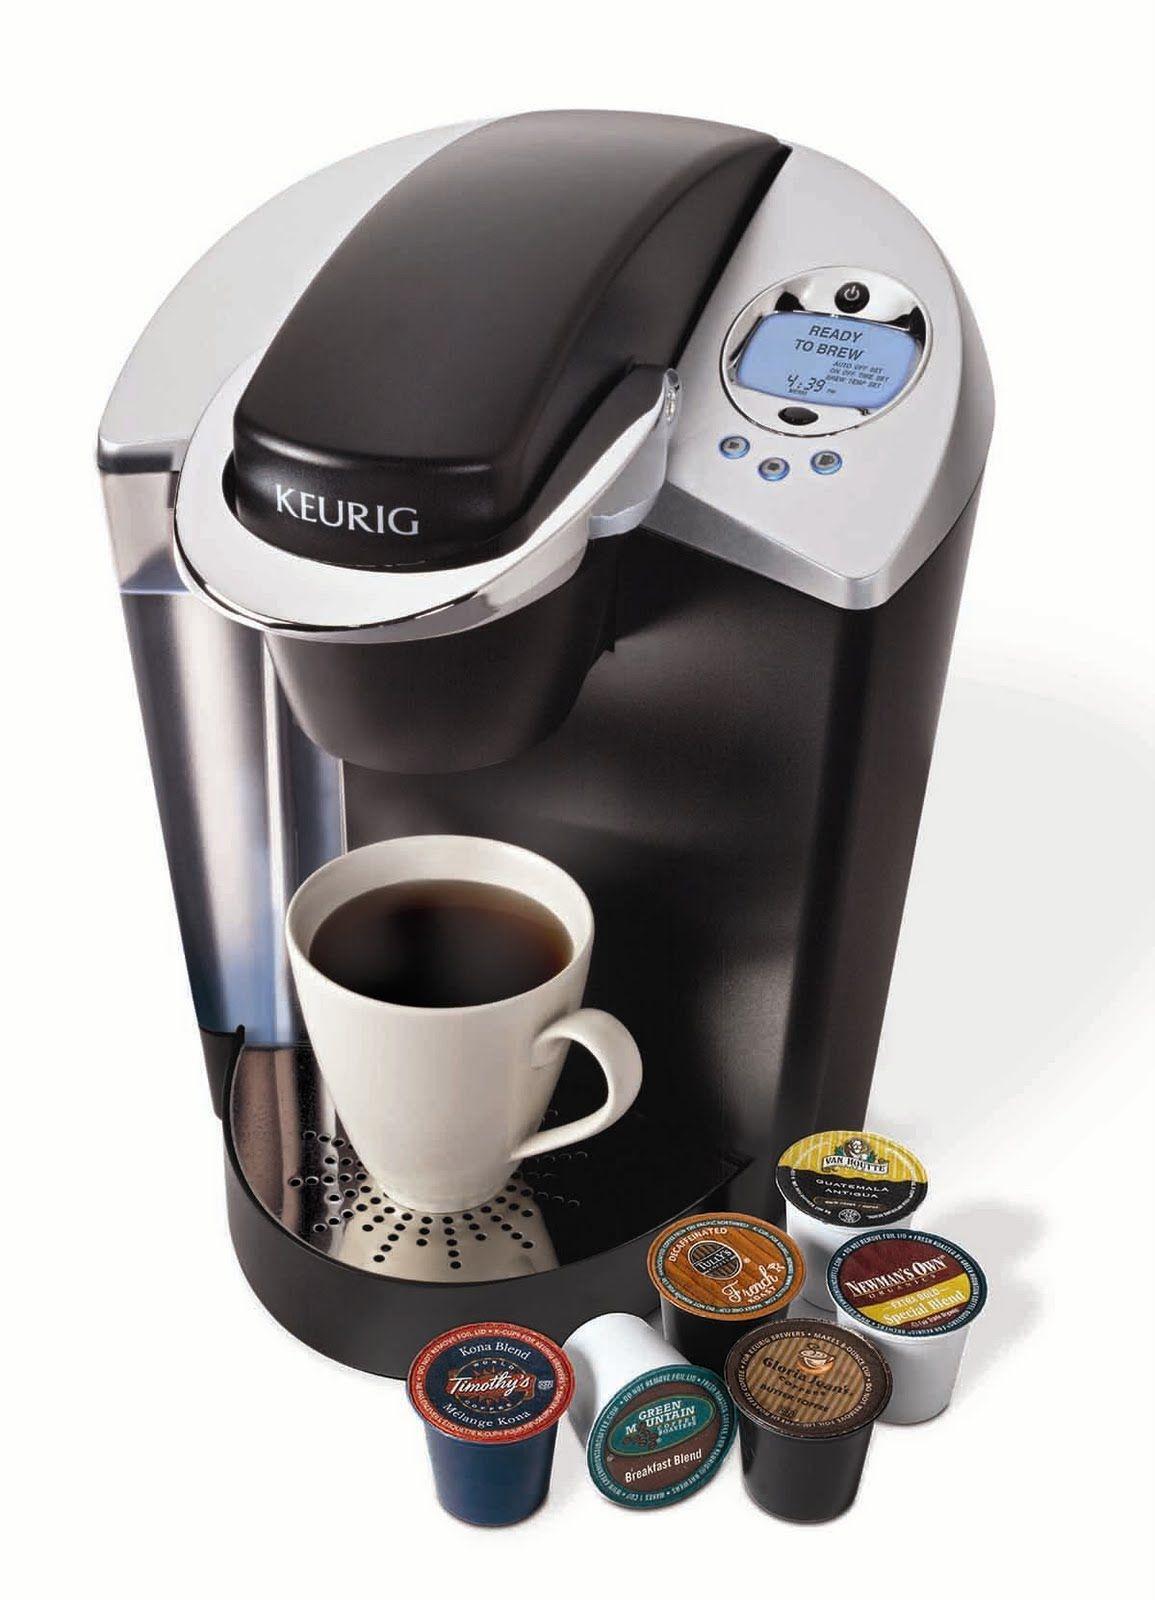 Keurig Coffee Maker Review Which Keurig Coffee Maker is